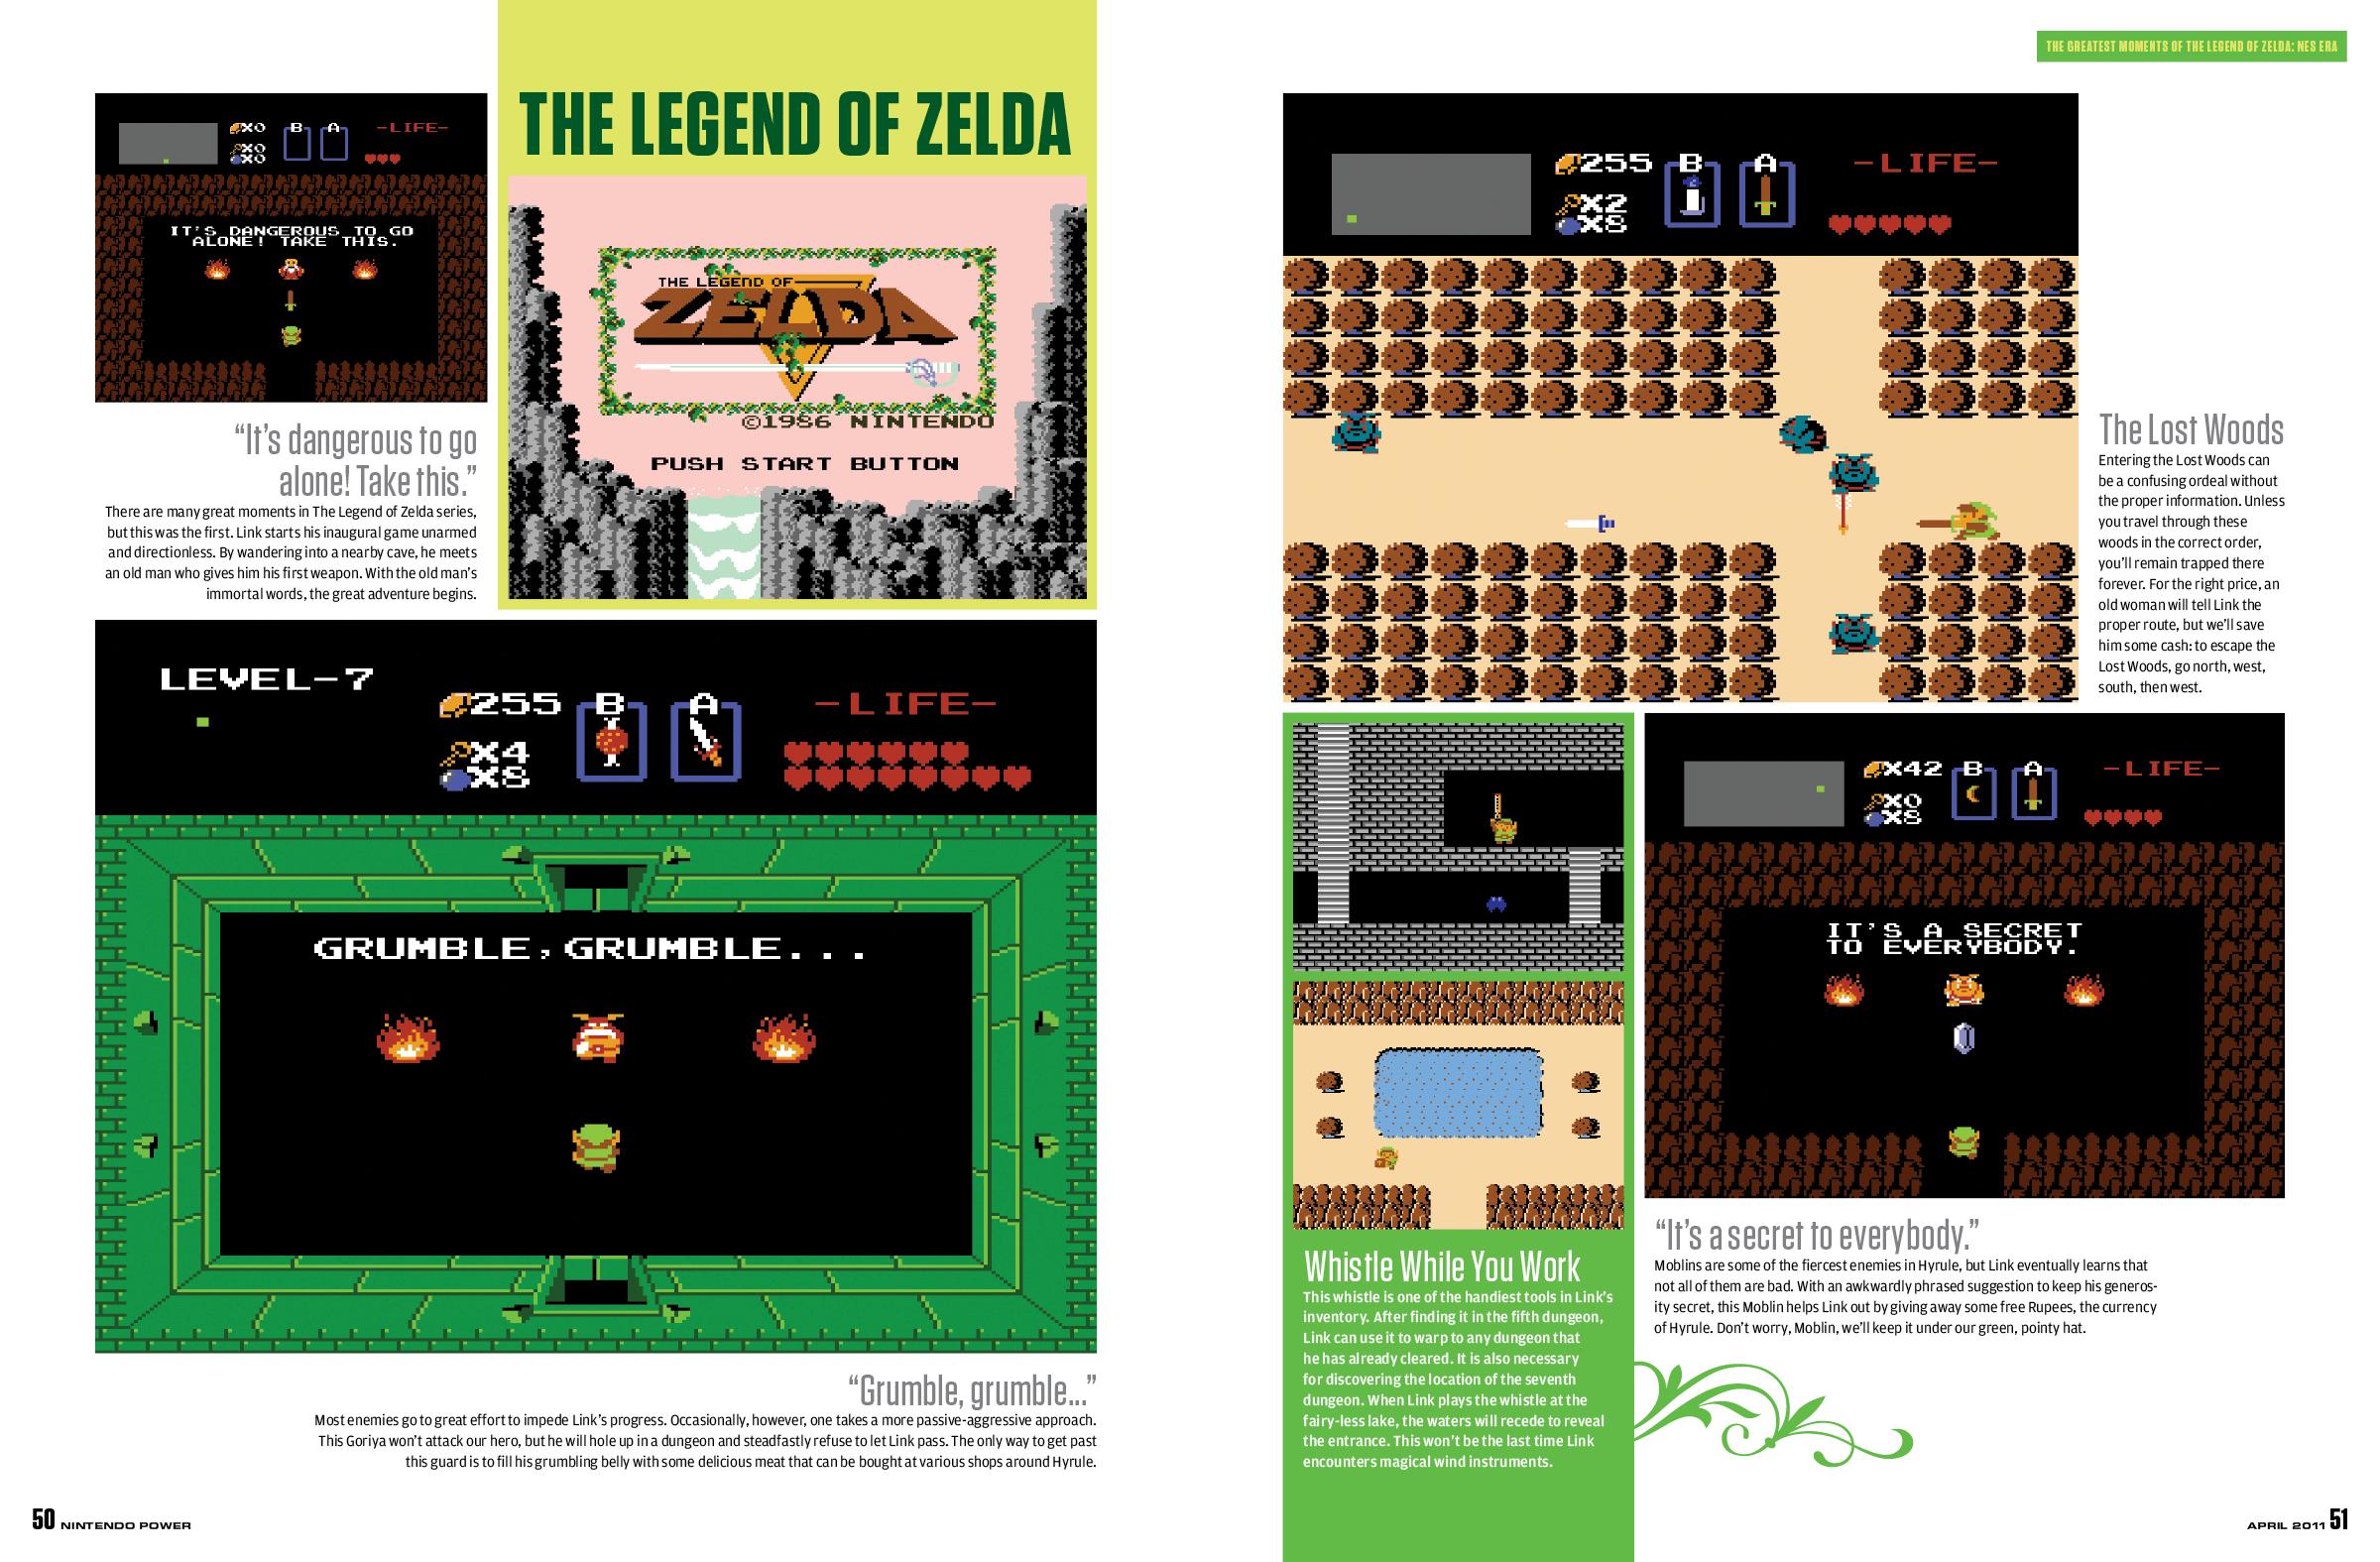 Nintendo Power Page 50-51